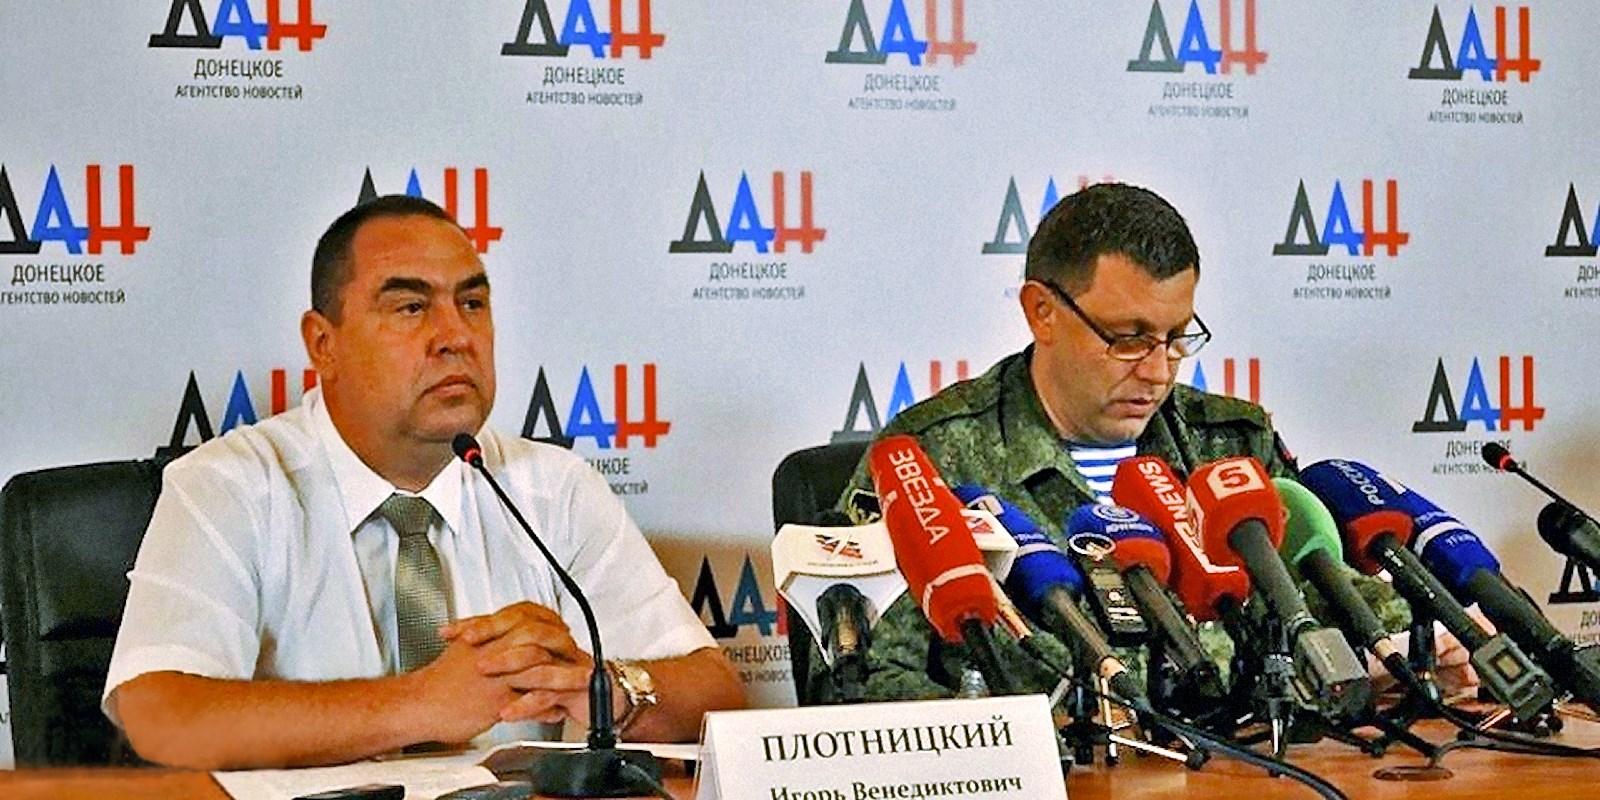 00 plotnitsky and zakaharchenko. lnr and dnr. donetsk pr and lugansk pr 01. 080715